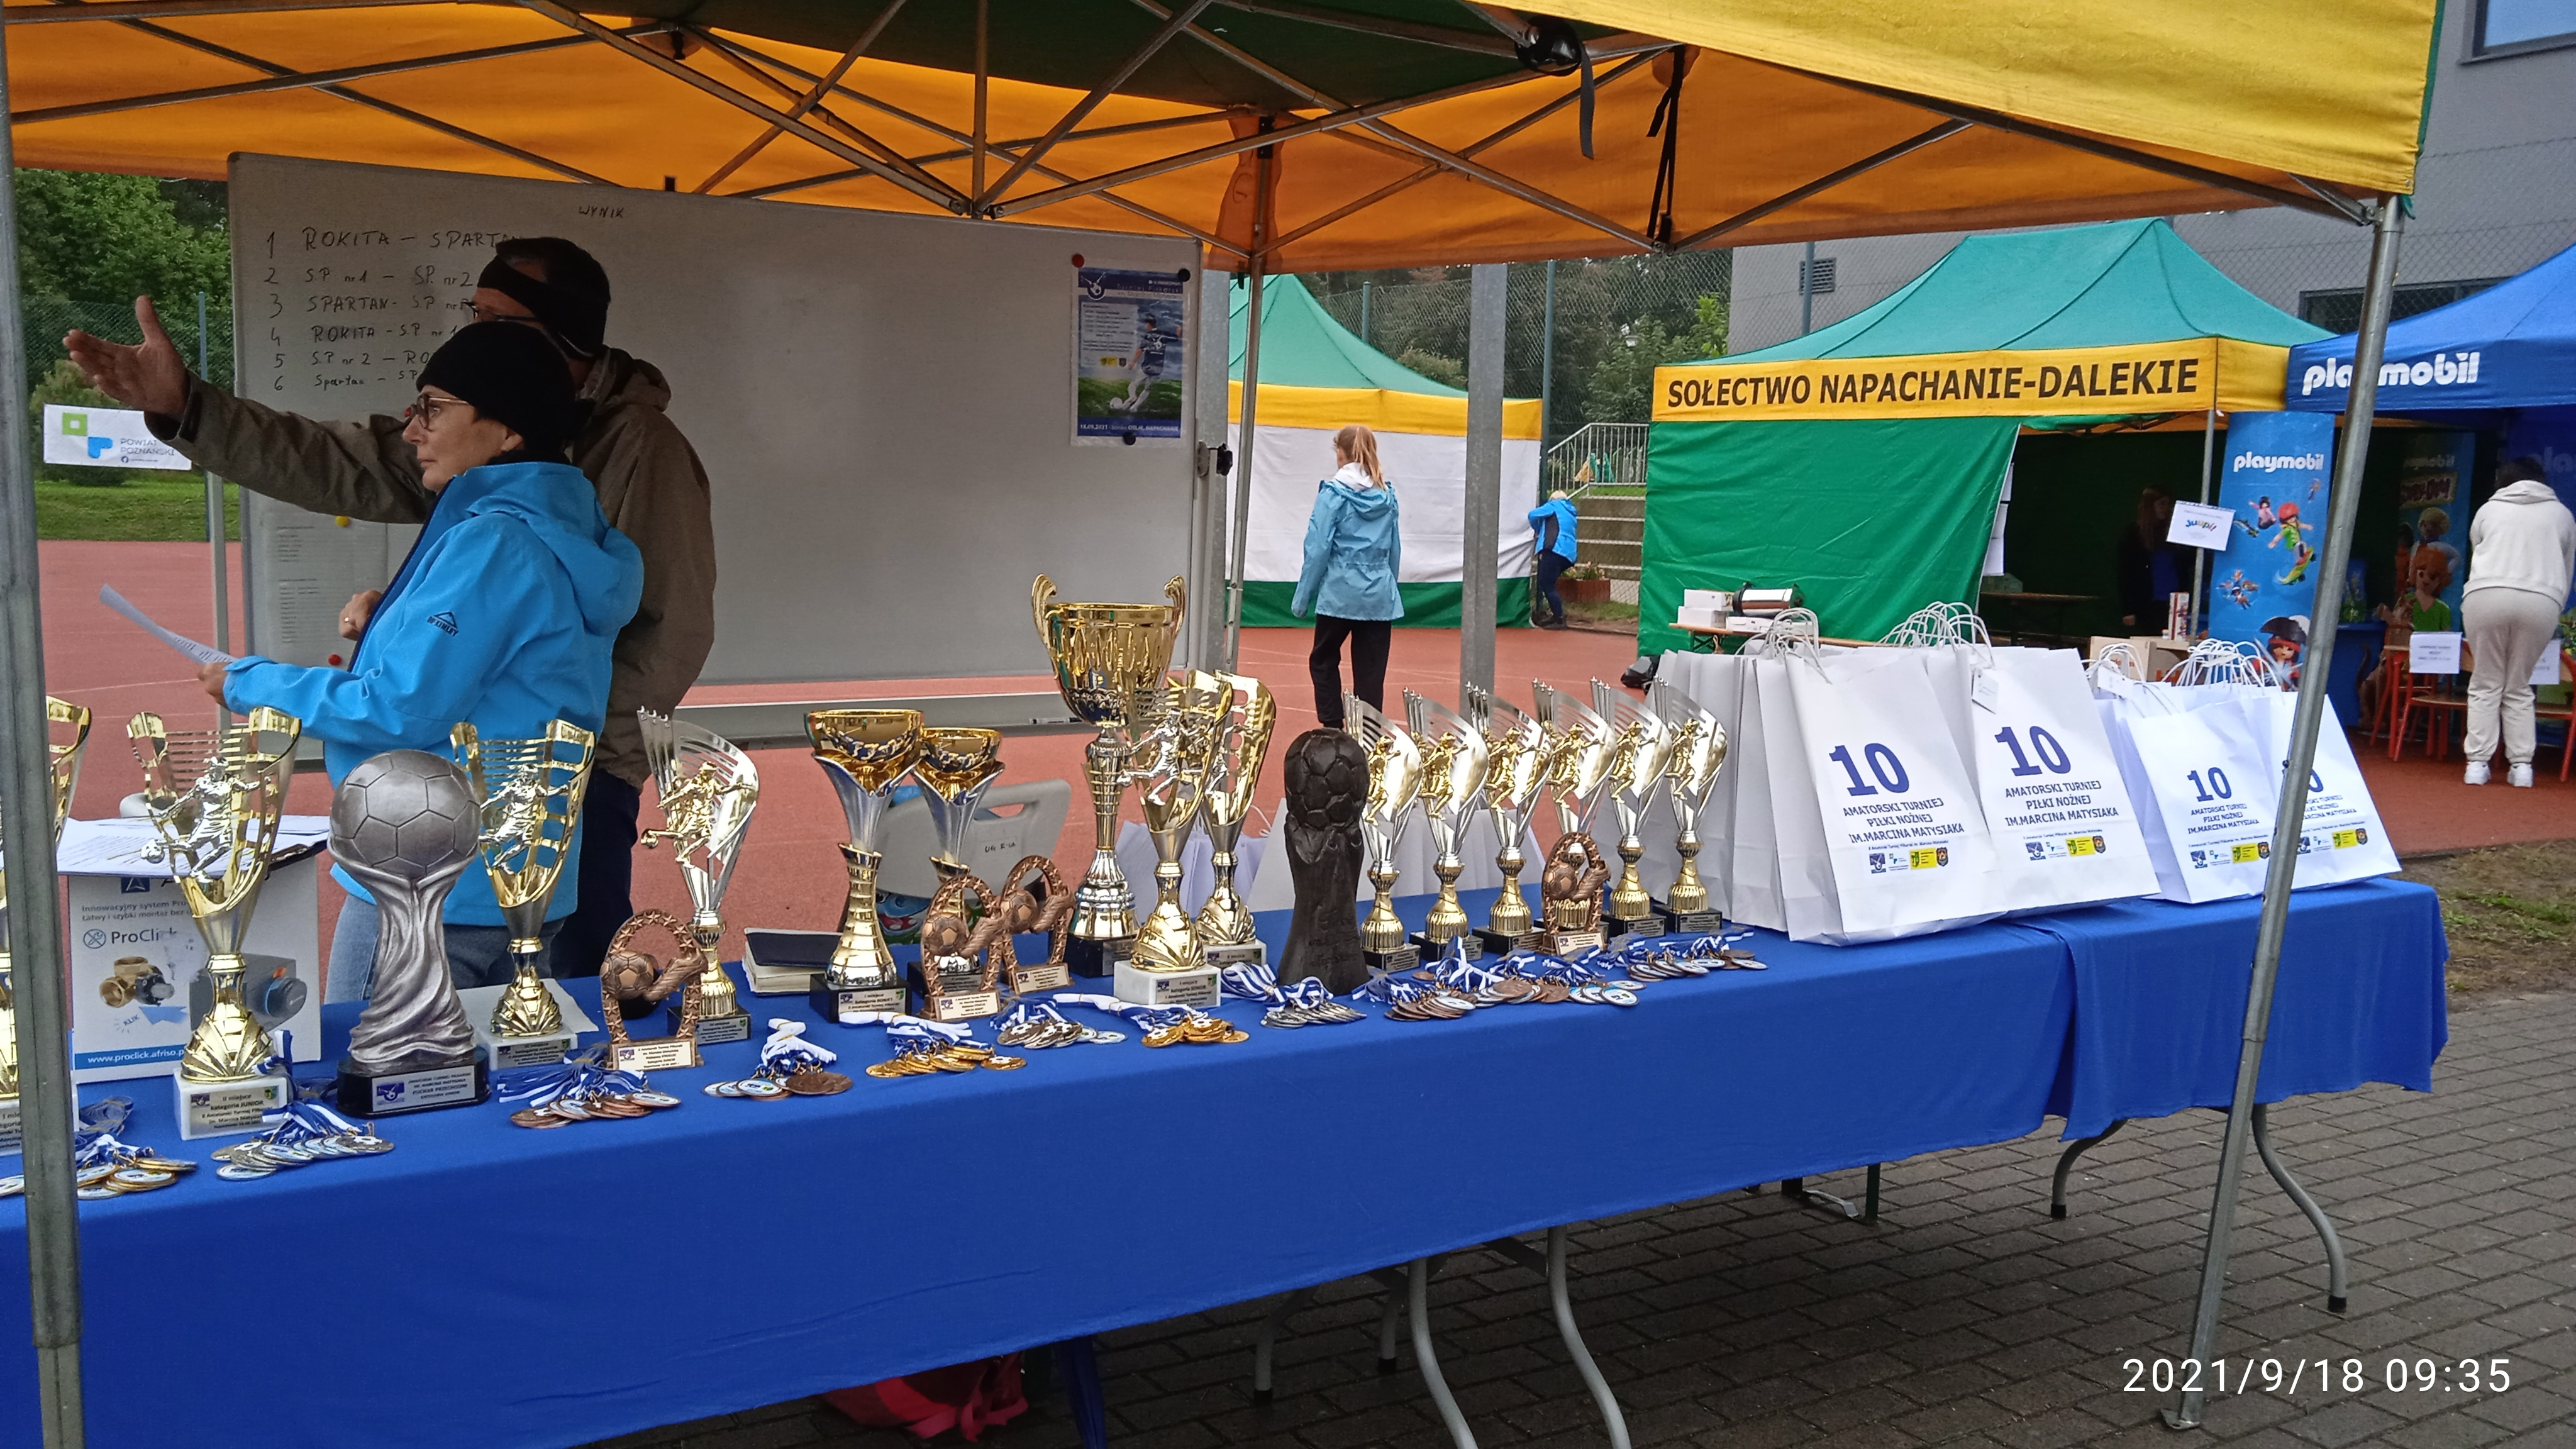 Na zdjęciu stół z niebieskim obrusem, a na nim puchary, medale i torebki z nagrodami. Również pod namiotem Sekretarz Gminy Rokietnica Danuta Potrawiak oraz organizator, rozmawiający i patrzący w kierunku boiska. Za nimi tablica z nazwami drużyn. Dalej namioty organizatora oraz organizatorzy.